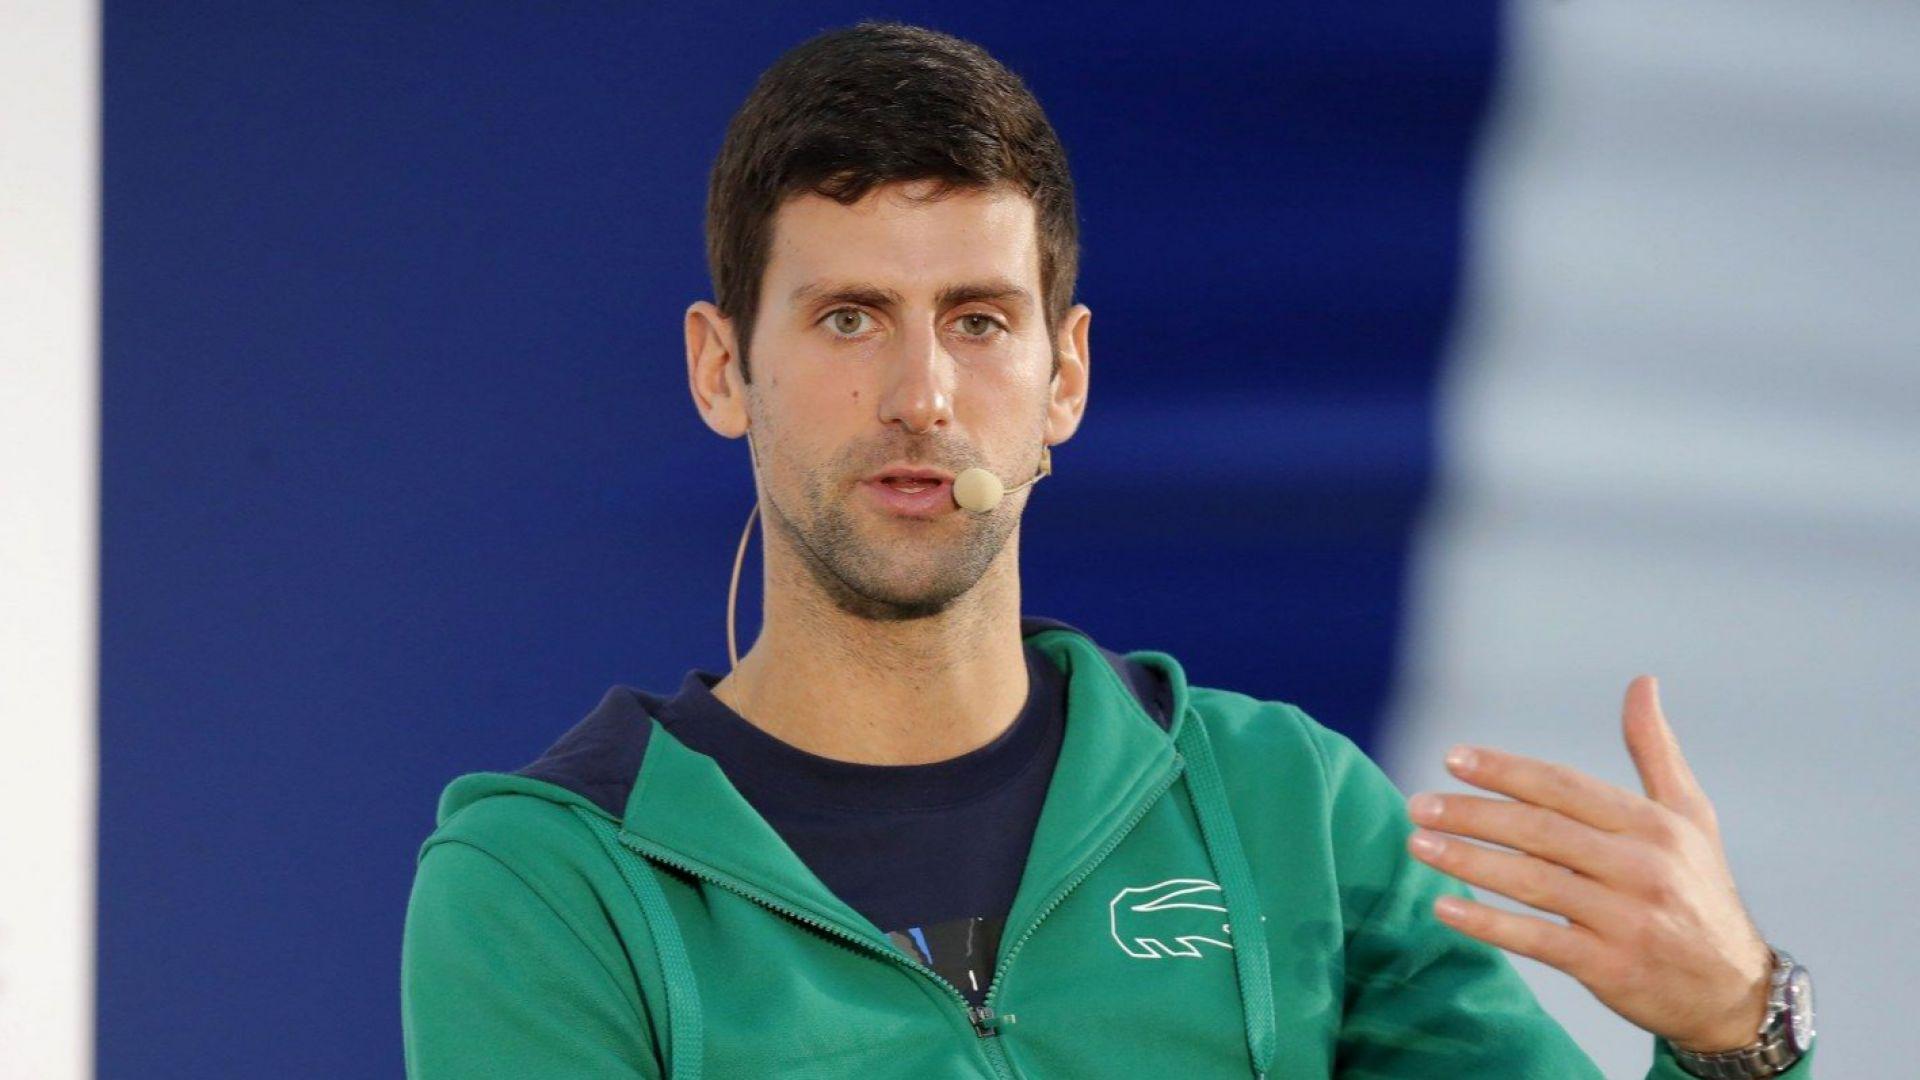 Скандалът застрашава позицията на Джокович като лидер на играчите в ATP